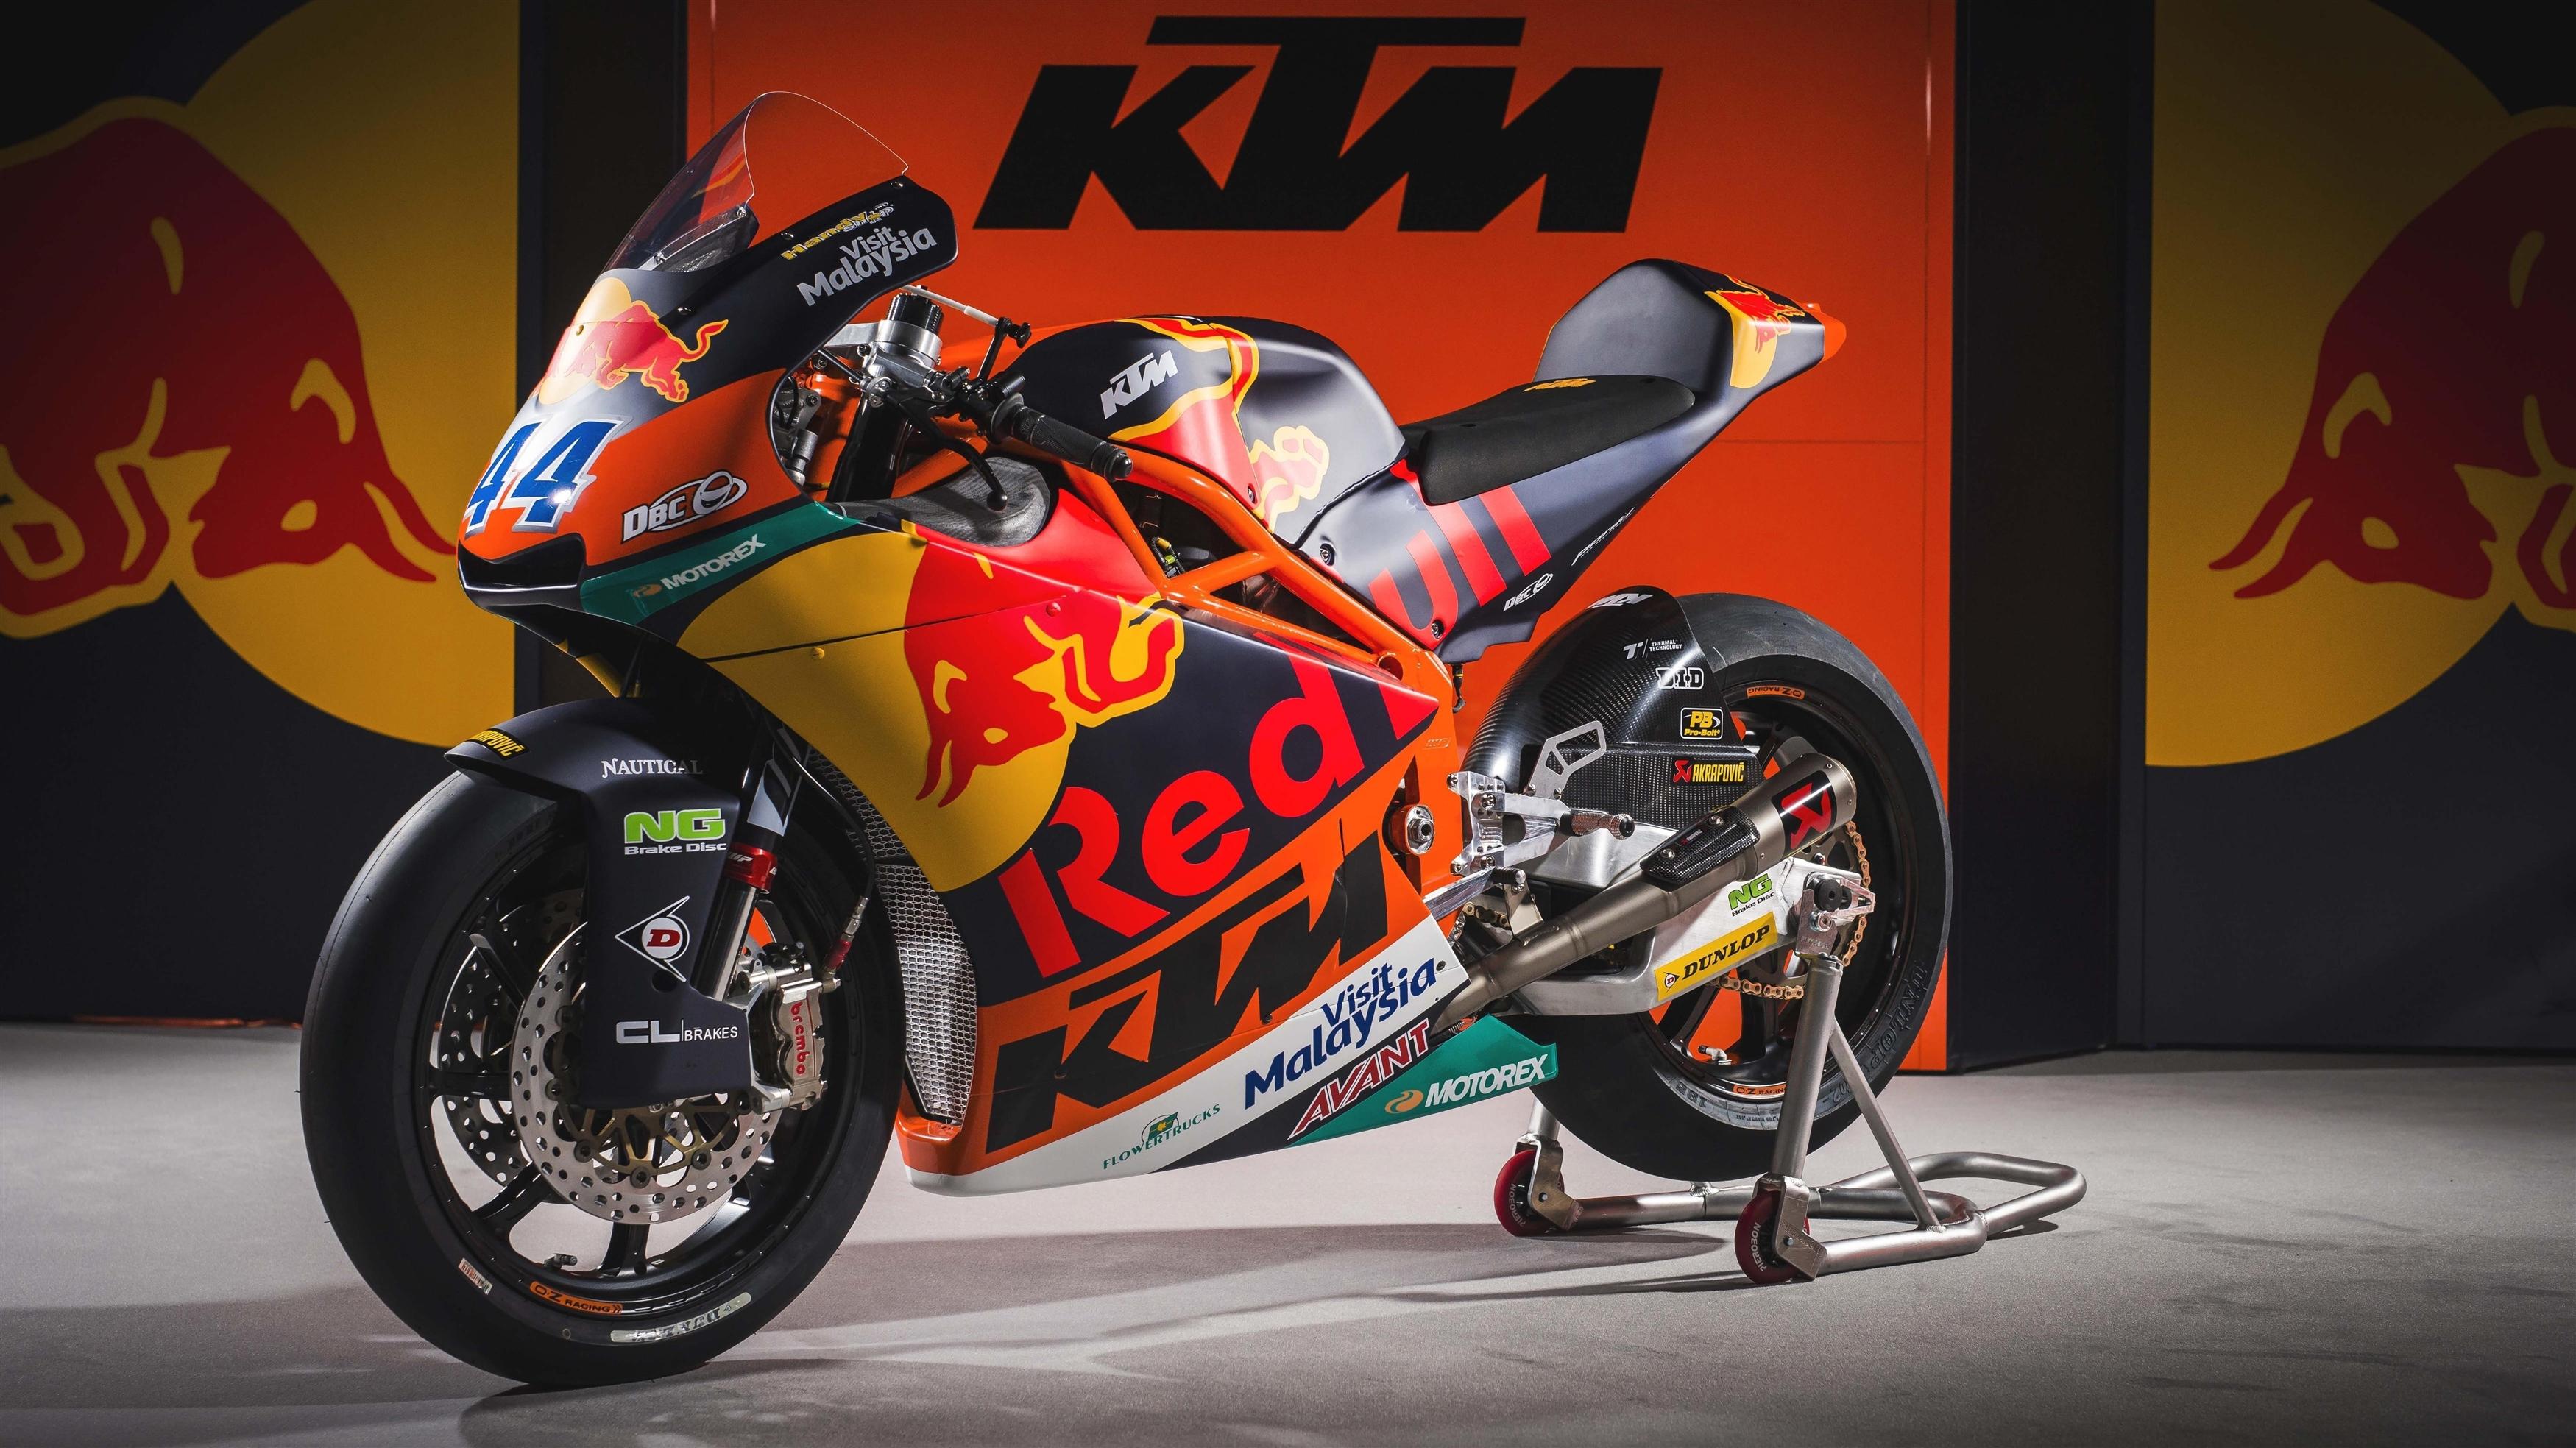 Велосипед команды motogp KTM moto2 обои скачать